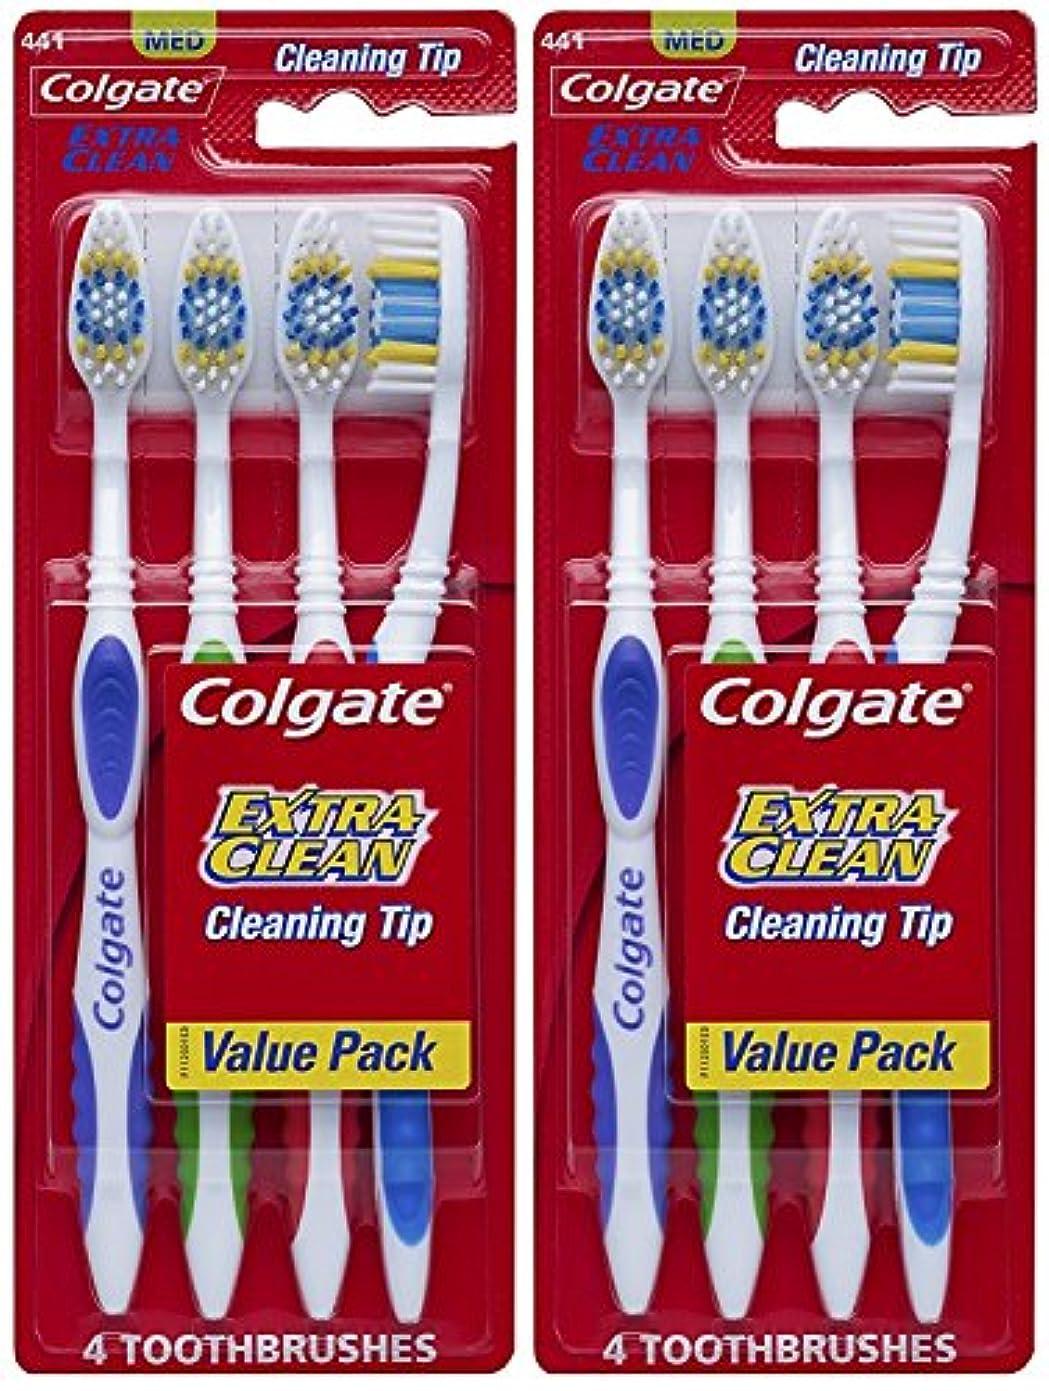 寛容なうつ認めるColgate エクストラクリーン完全な頭部、ミディアム歯ブラシ、4-カウント(2パック)合計8歯ブラシ 8カウント